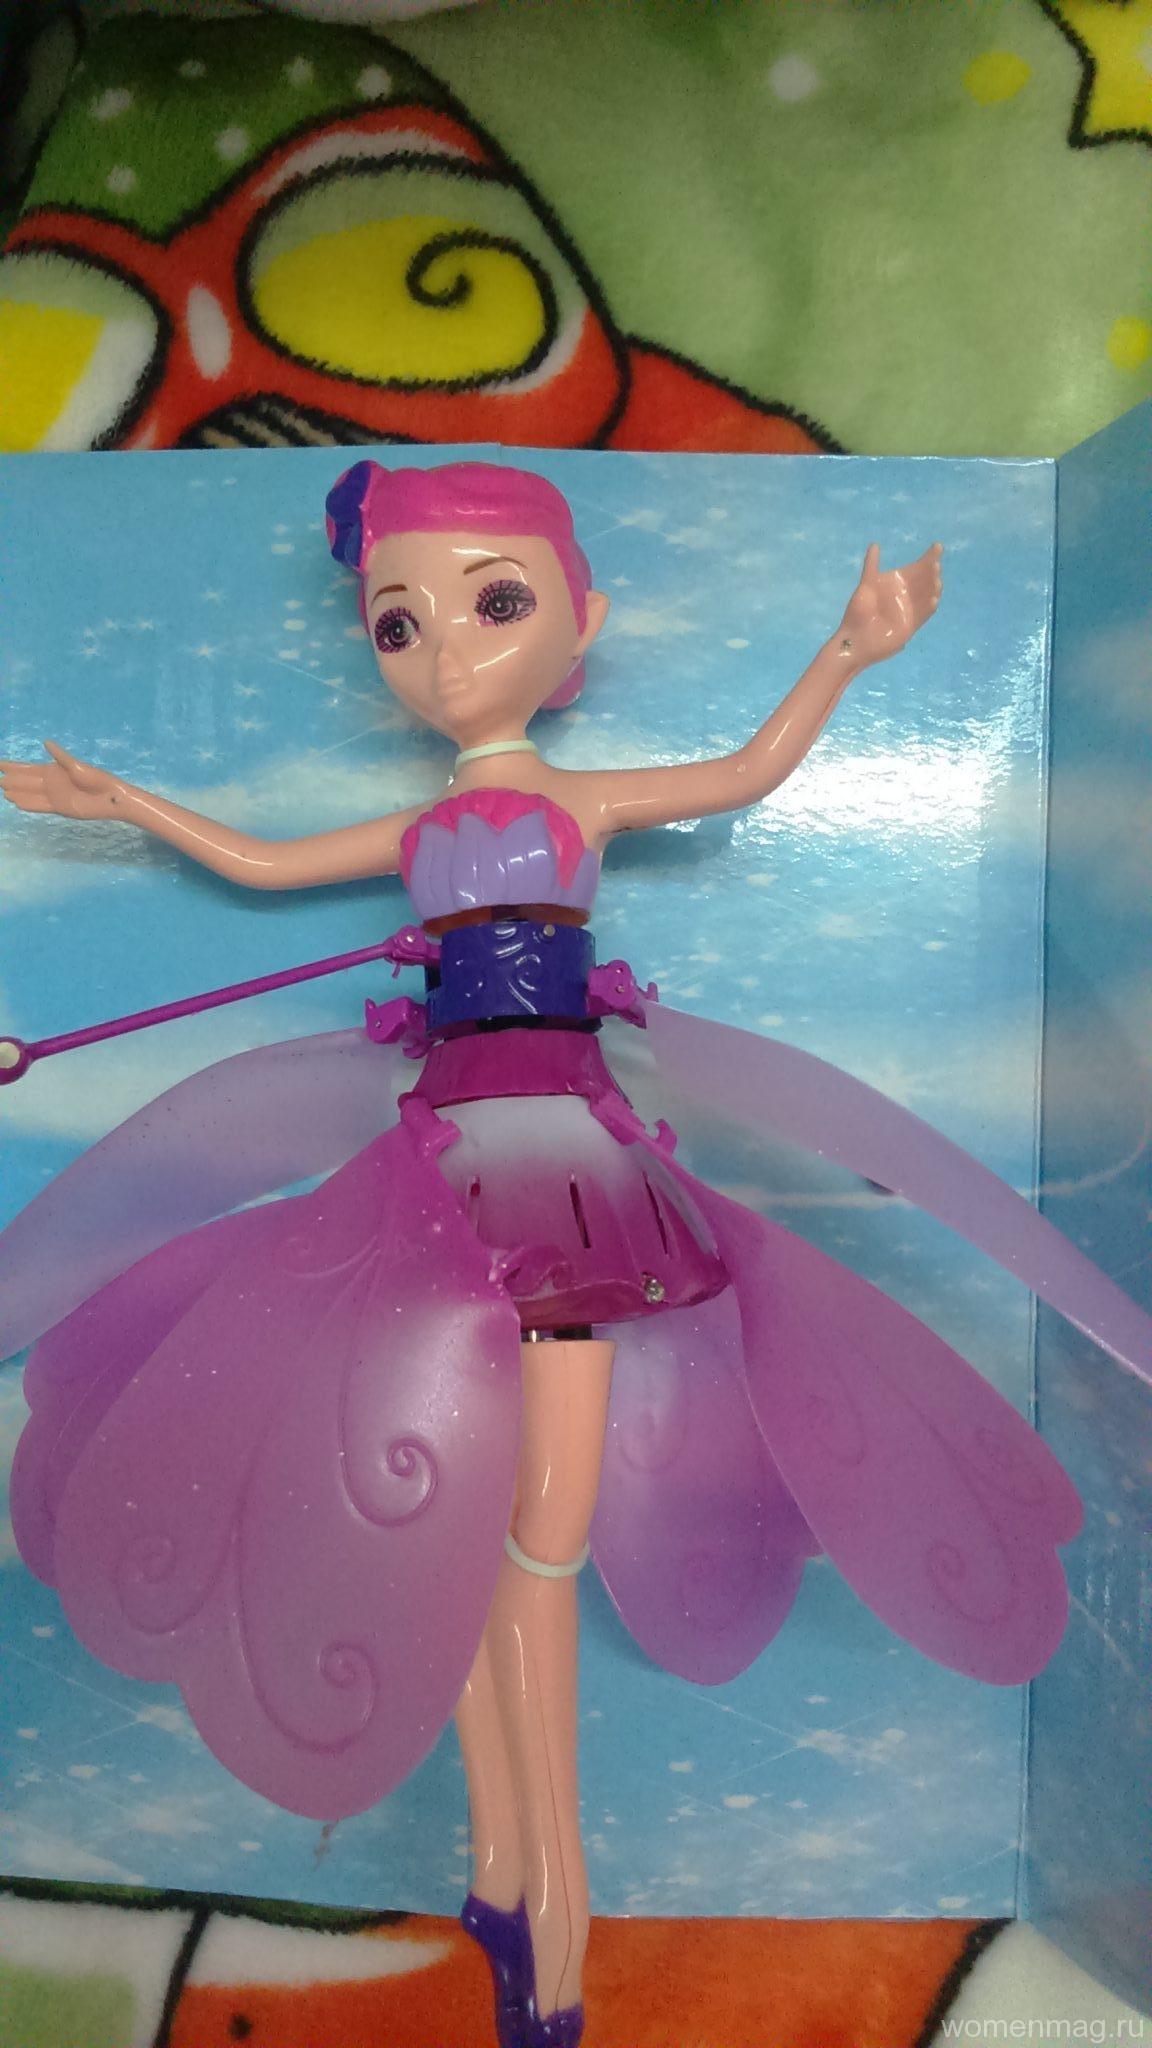 Летающая кукла фея. Отзыв